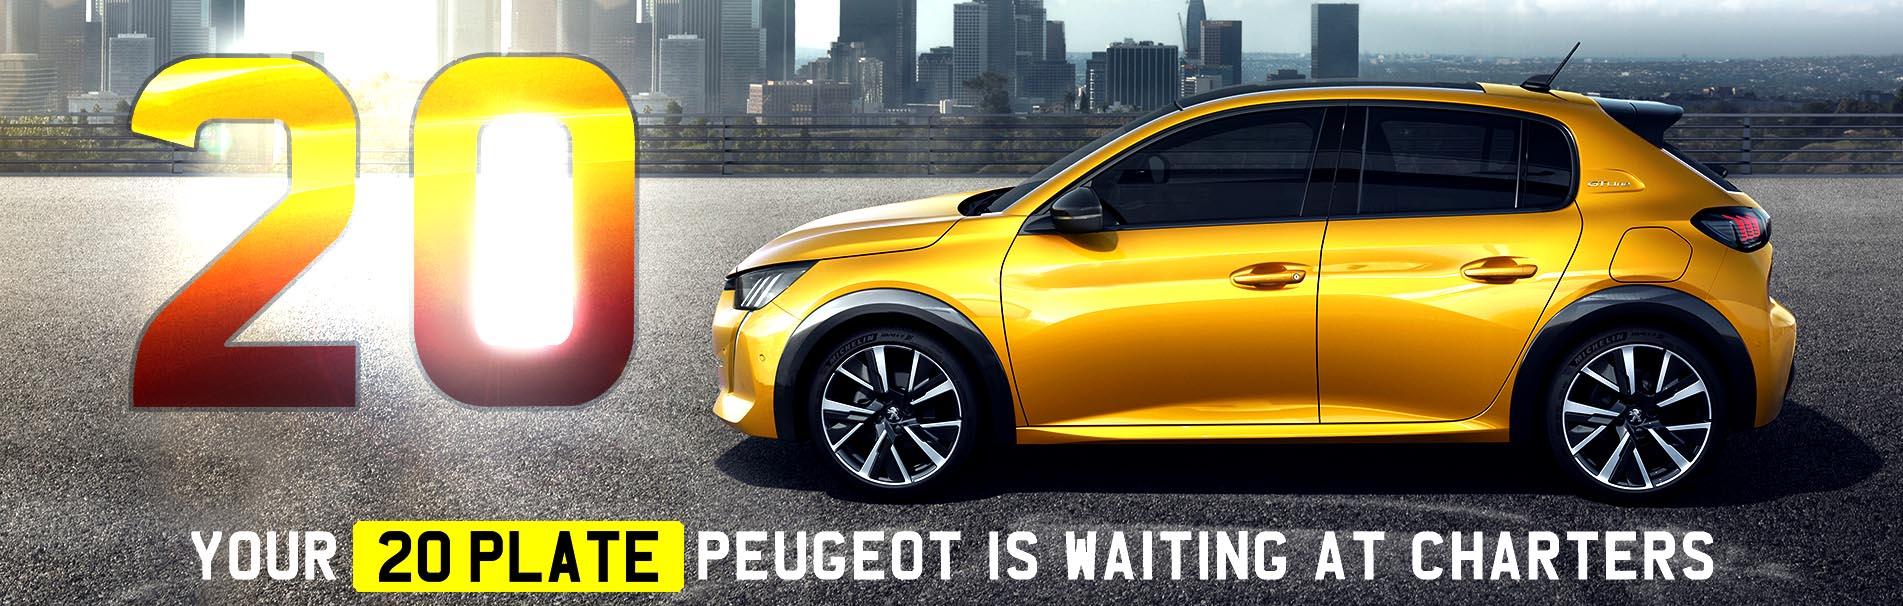 peugeot-20-plate-new-cars-on-sale-aldershot-sli